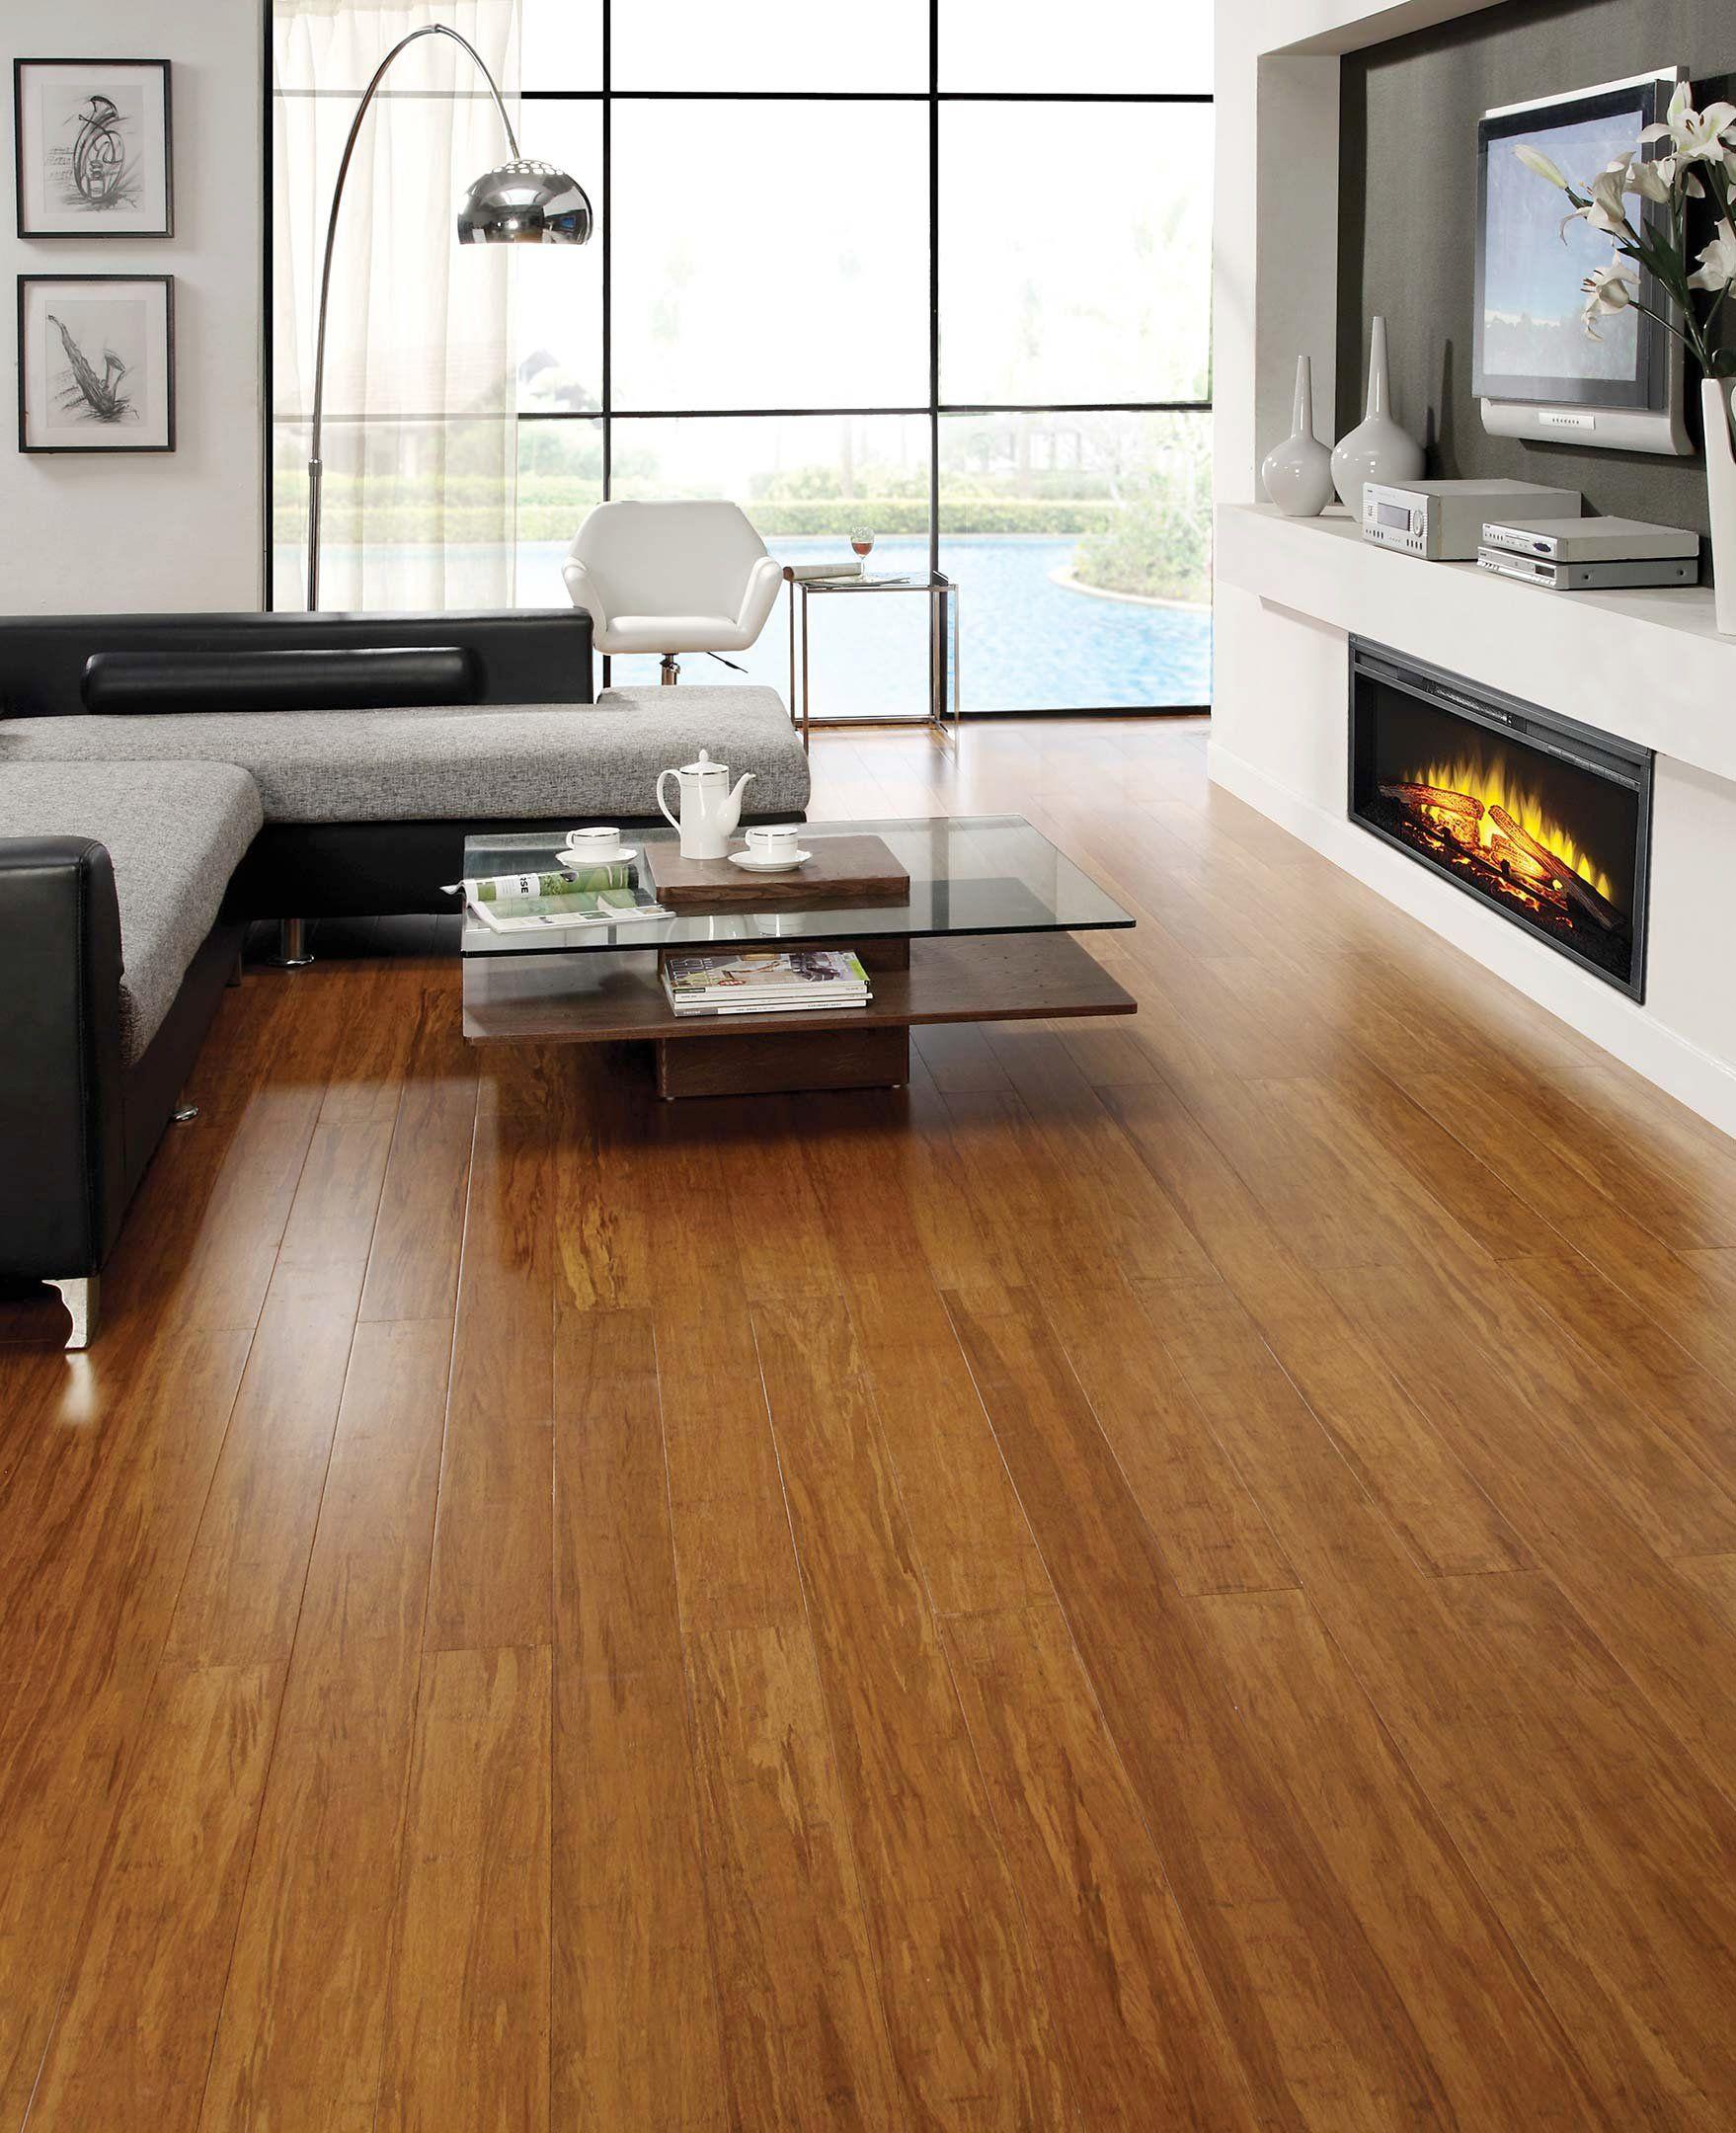 Benefits of using bamboo floor Floor design, Tile design